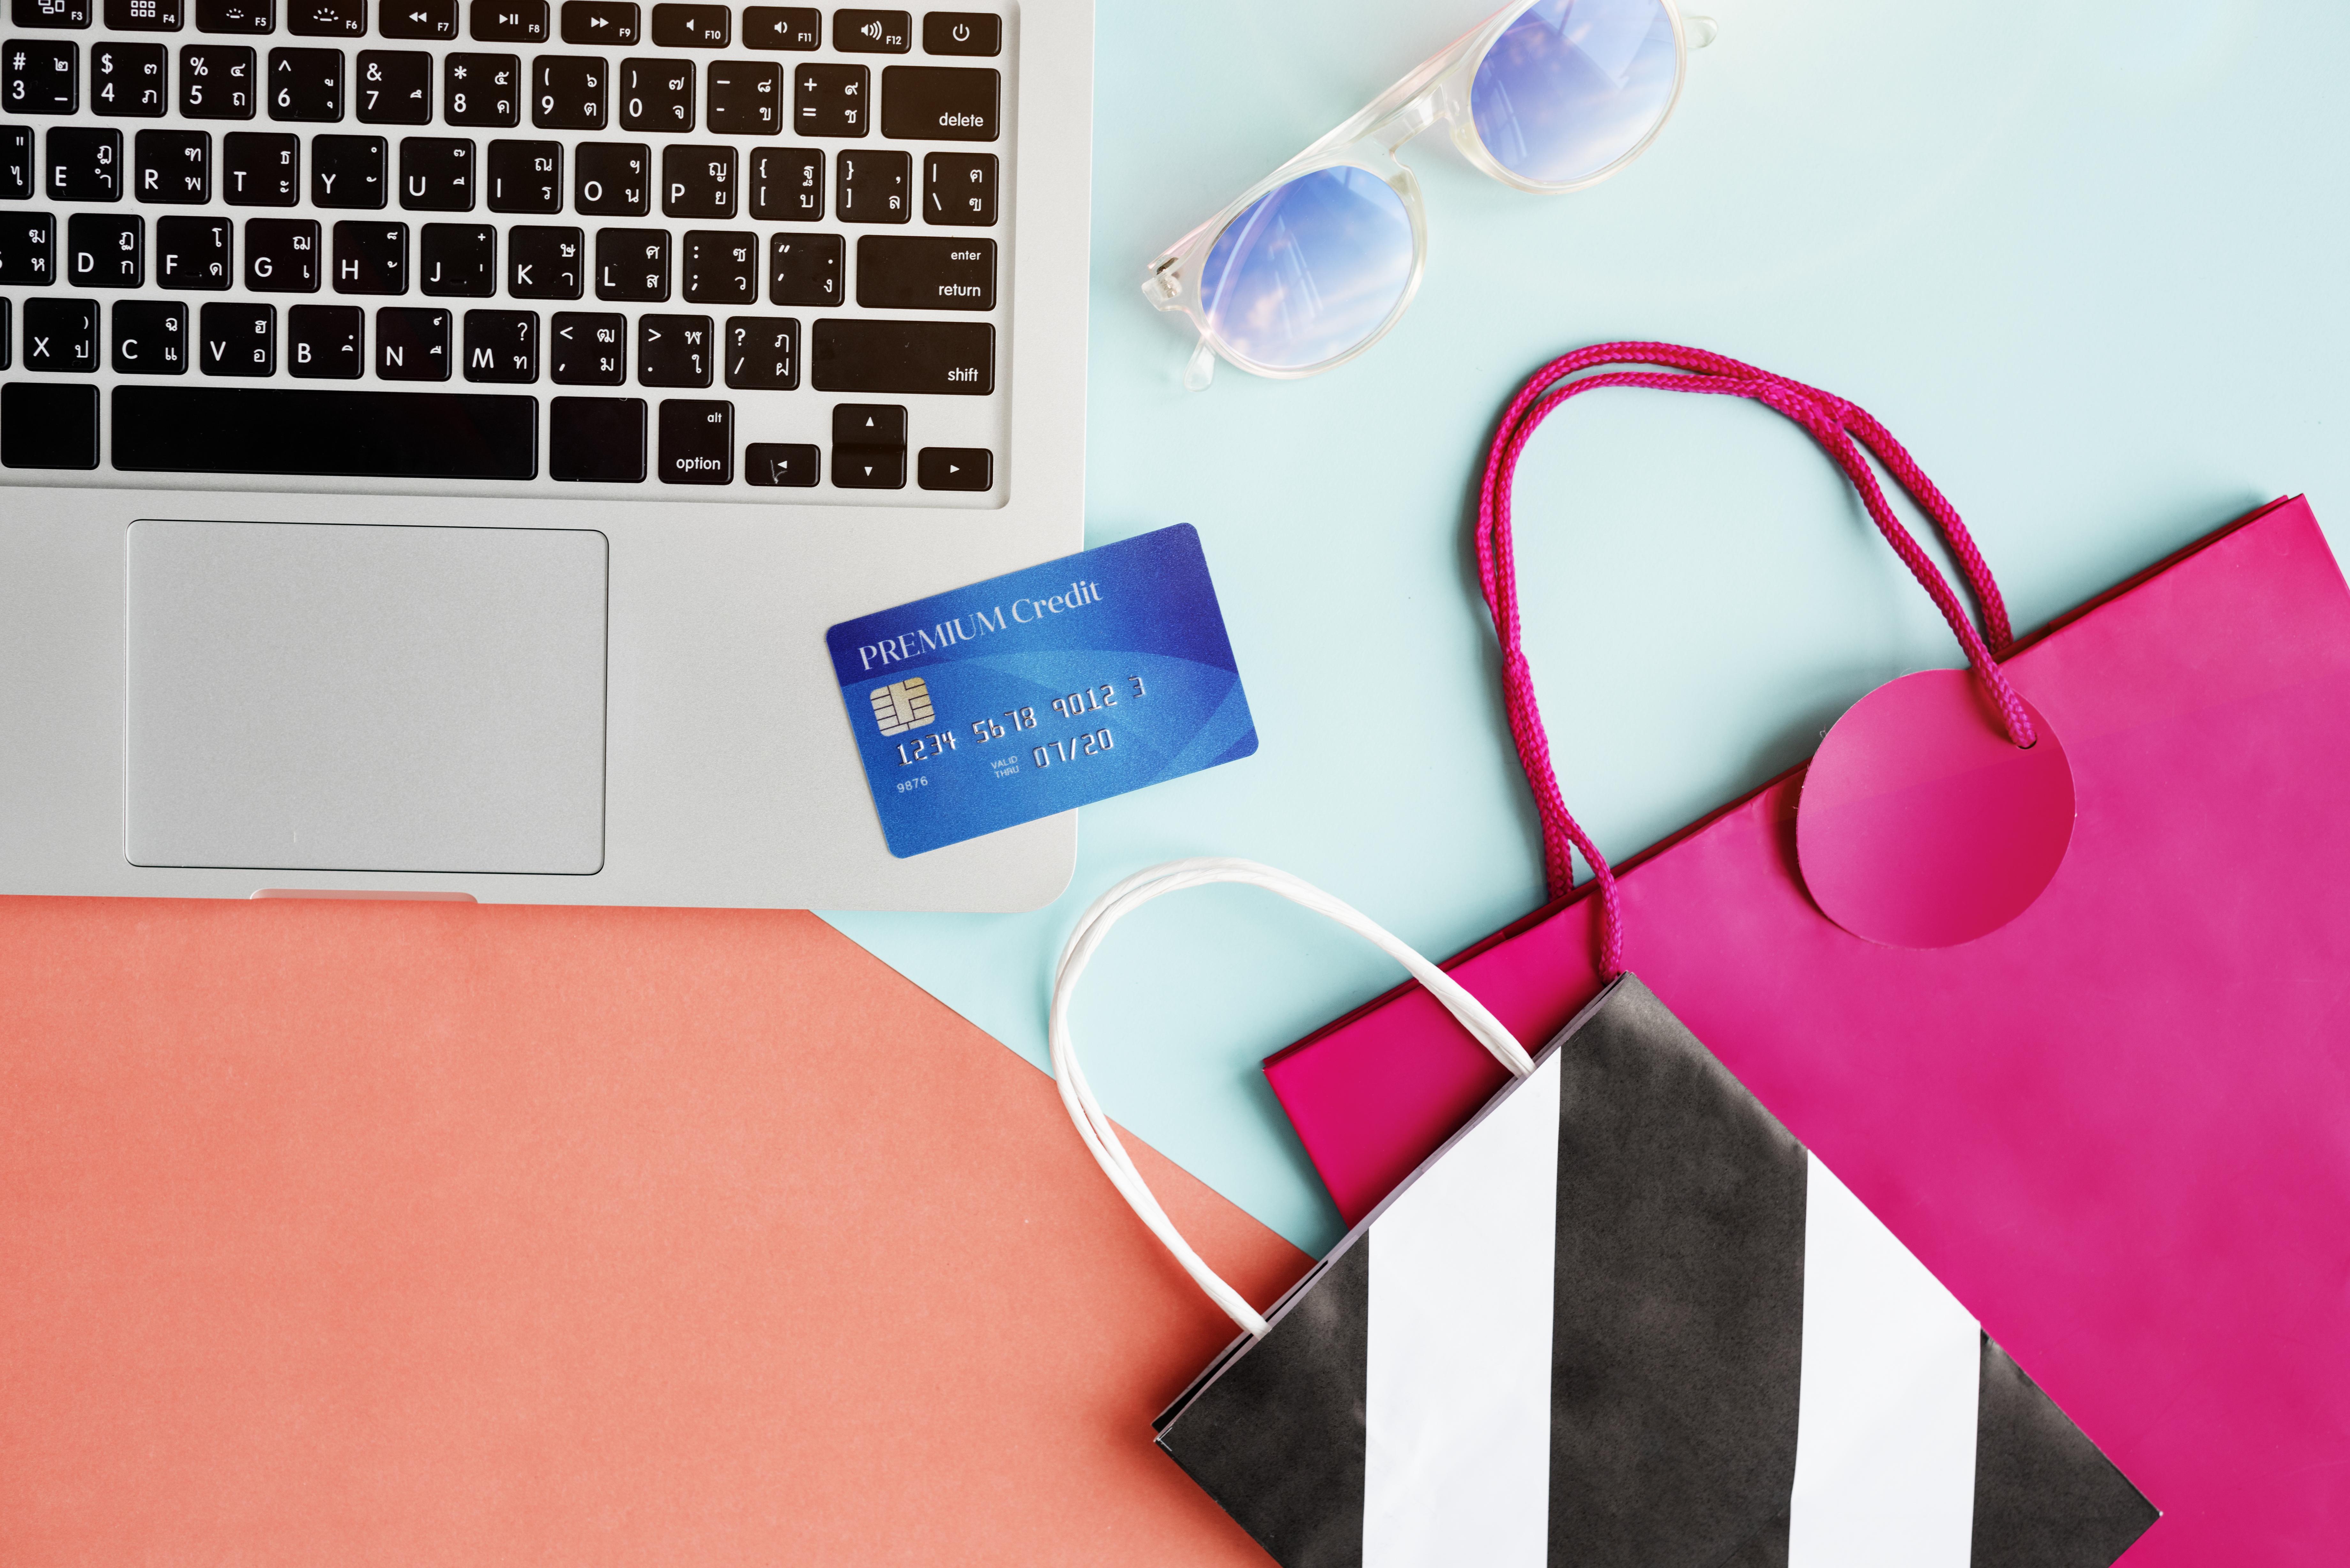 iSmart Communications E-commerce Sales